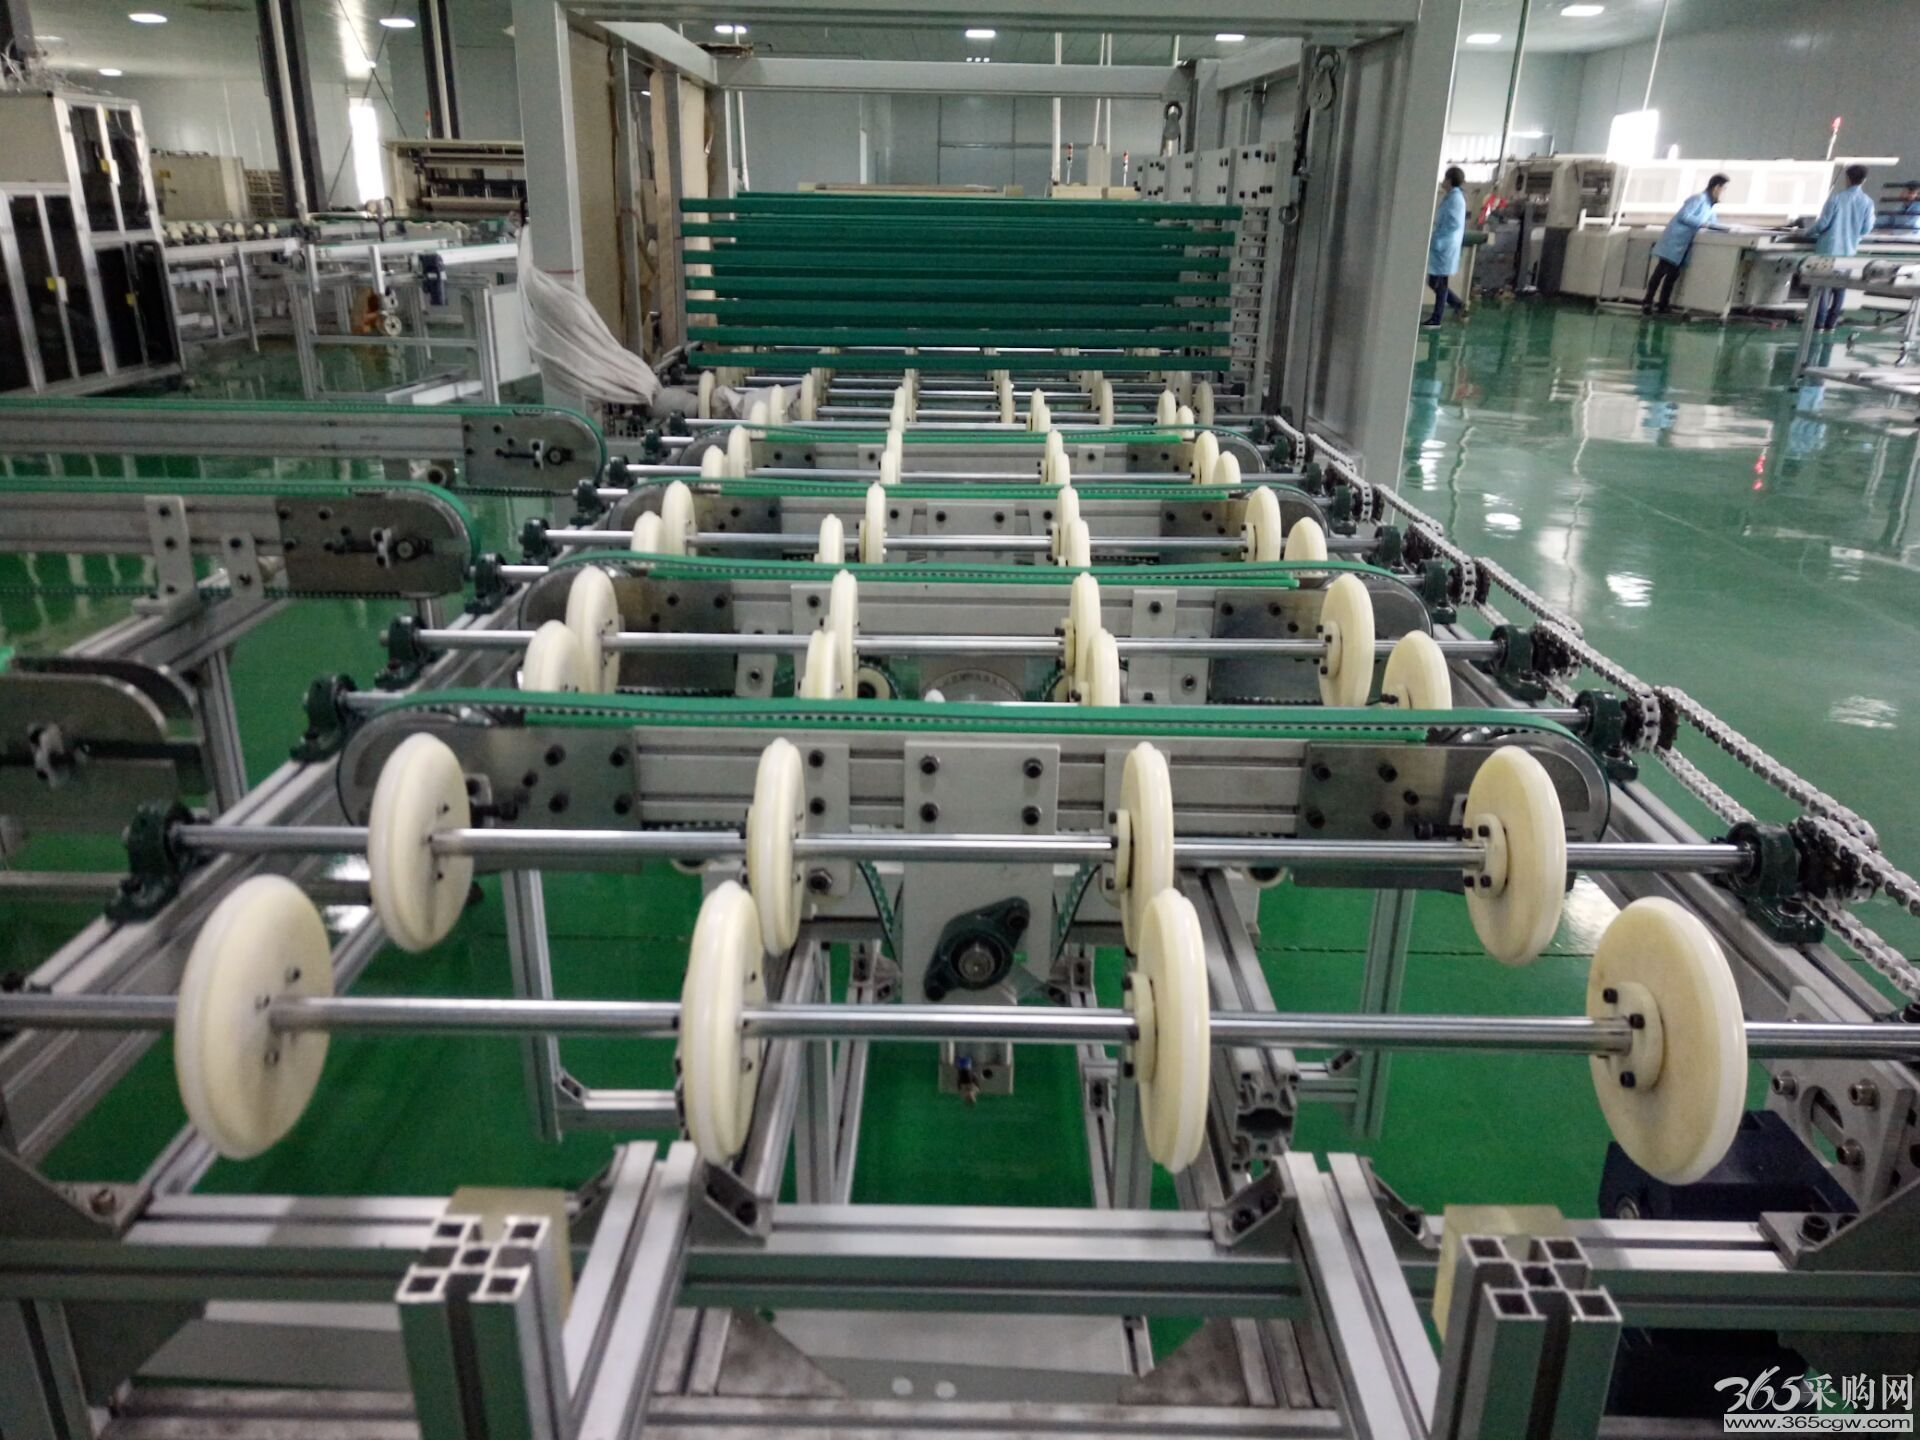 """本生产线依据用户需求,进行""""量身""""设计,由层压前铺设传输线;通过不同机构的传输、转运、变向、定位、旋转/释放实现组件封装过程的流水化操作,可提高单位组件生产效率。 1:(一)电池串铺设机(在线单元设备): 光伏电池串自动铺设系统 自动排版工作流程:    电池板钢化玻璃经人工铺设EVA,由输送带传送到铺设机,并完成钢化玻璃的定位;输送装置将定位好的玻璃送入自动排版系统;排版系统由大型四轴机器人,以及视觉识别系统,光伏电池串检测装置、影像装置、真空吸盘组件等组成,中控系统依据视觉识别"""